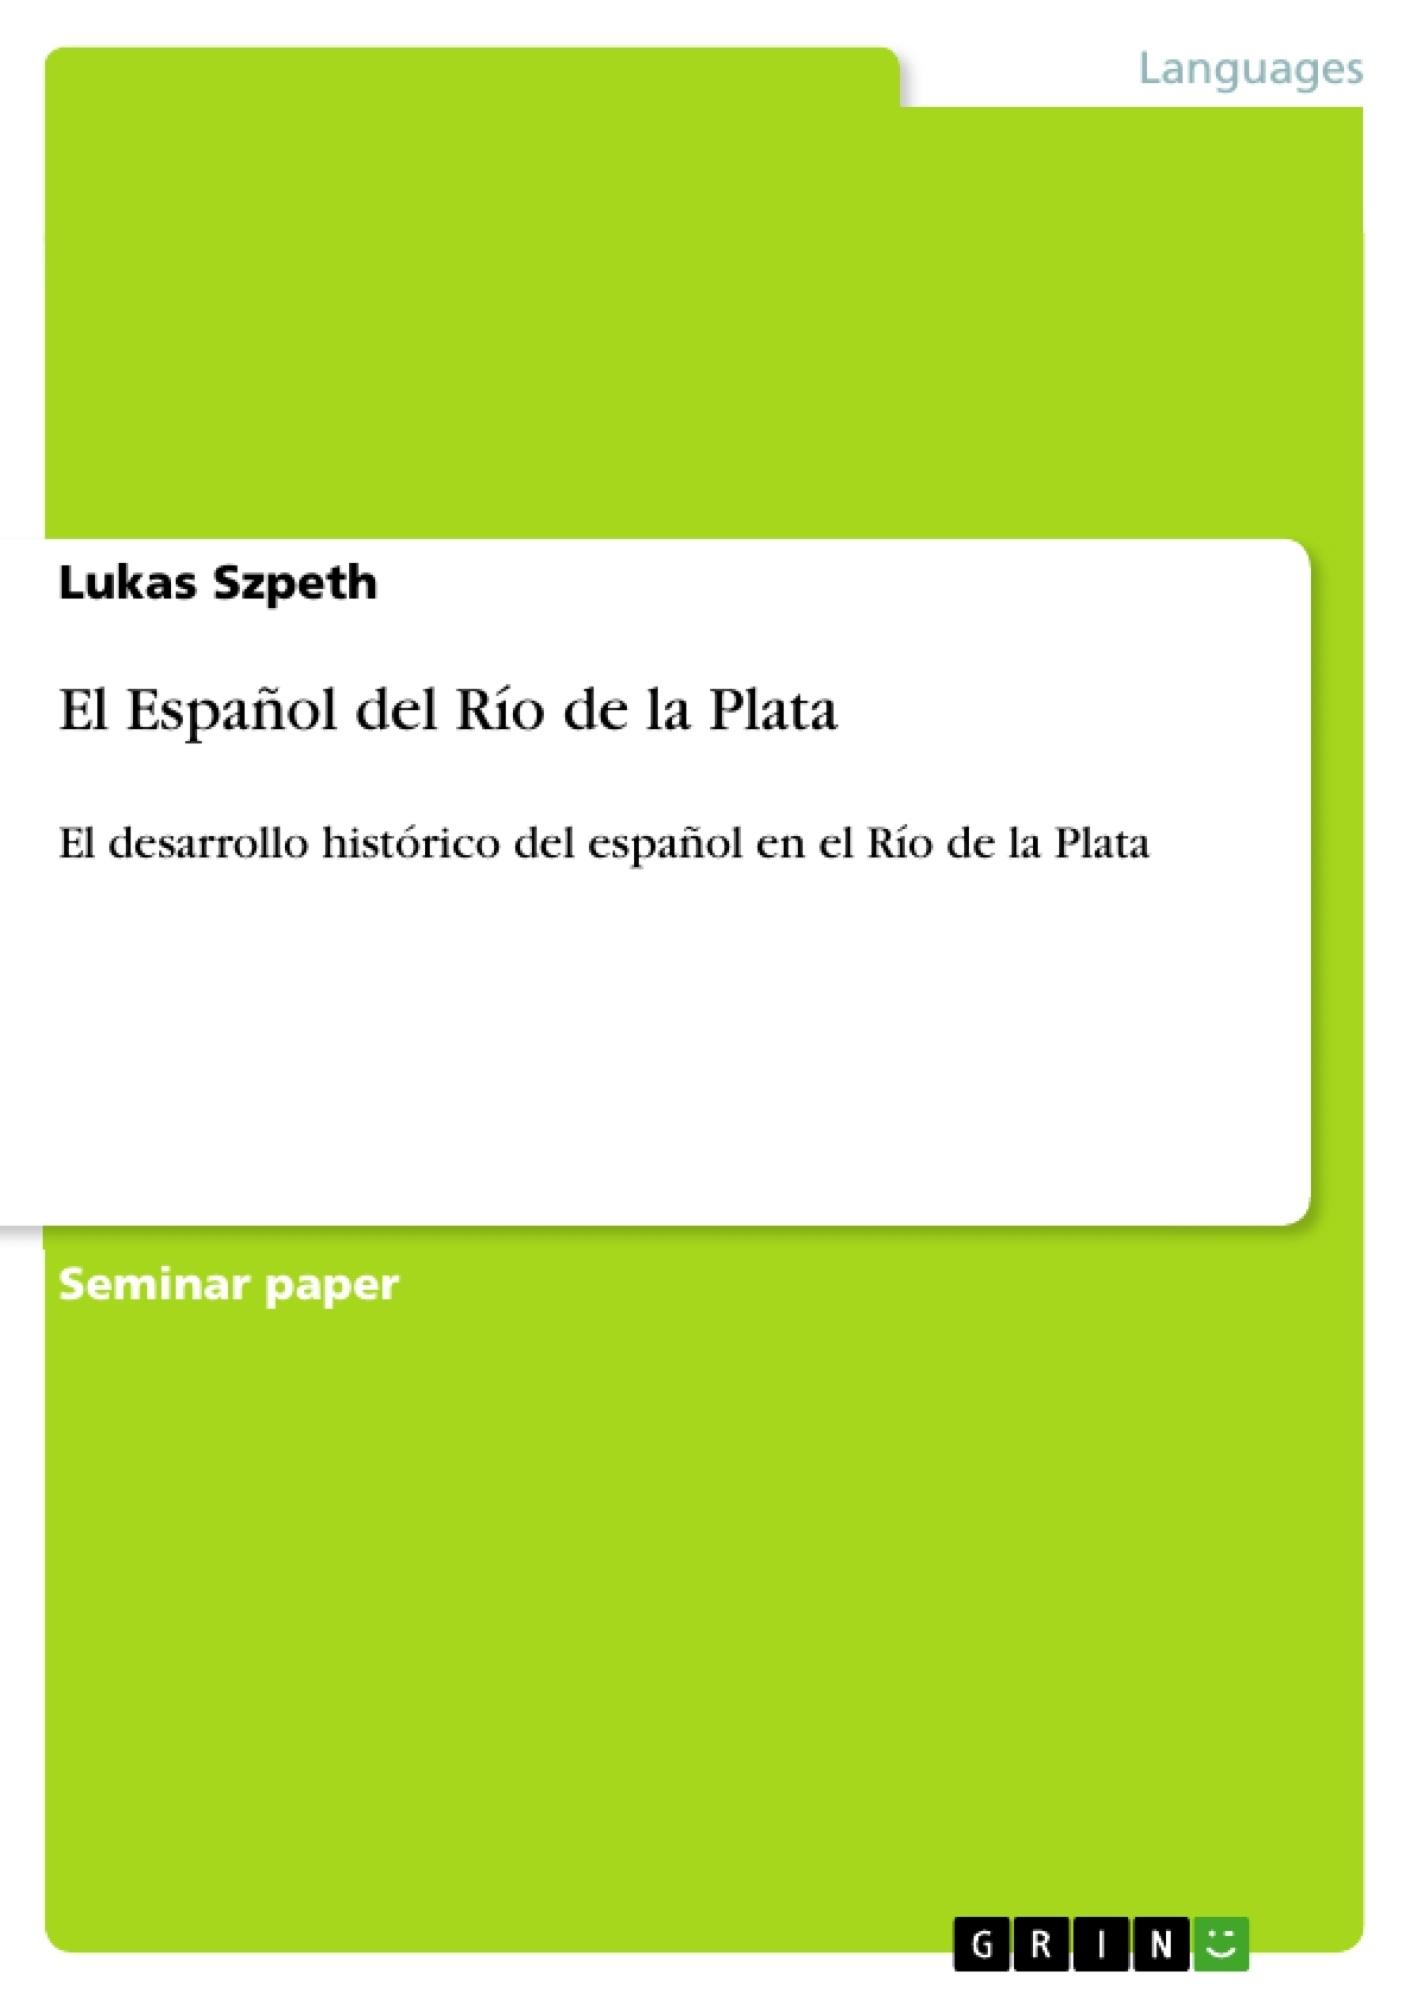 Título: El Español del Río de la Plata